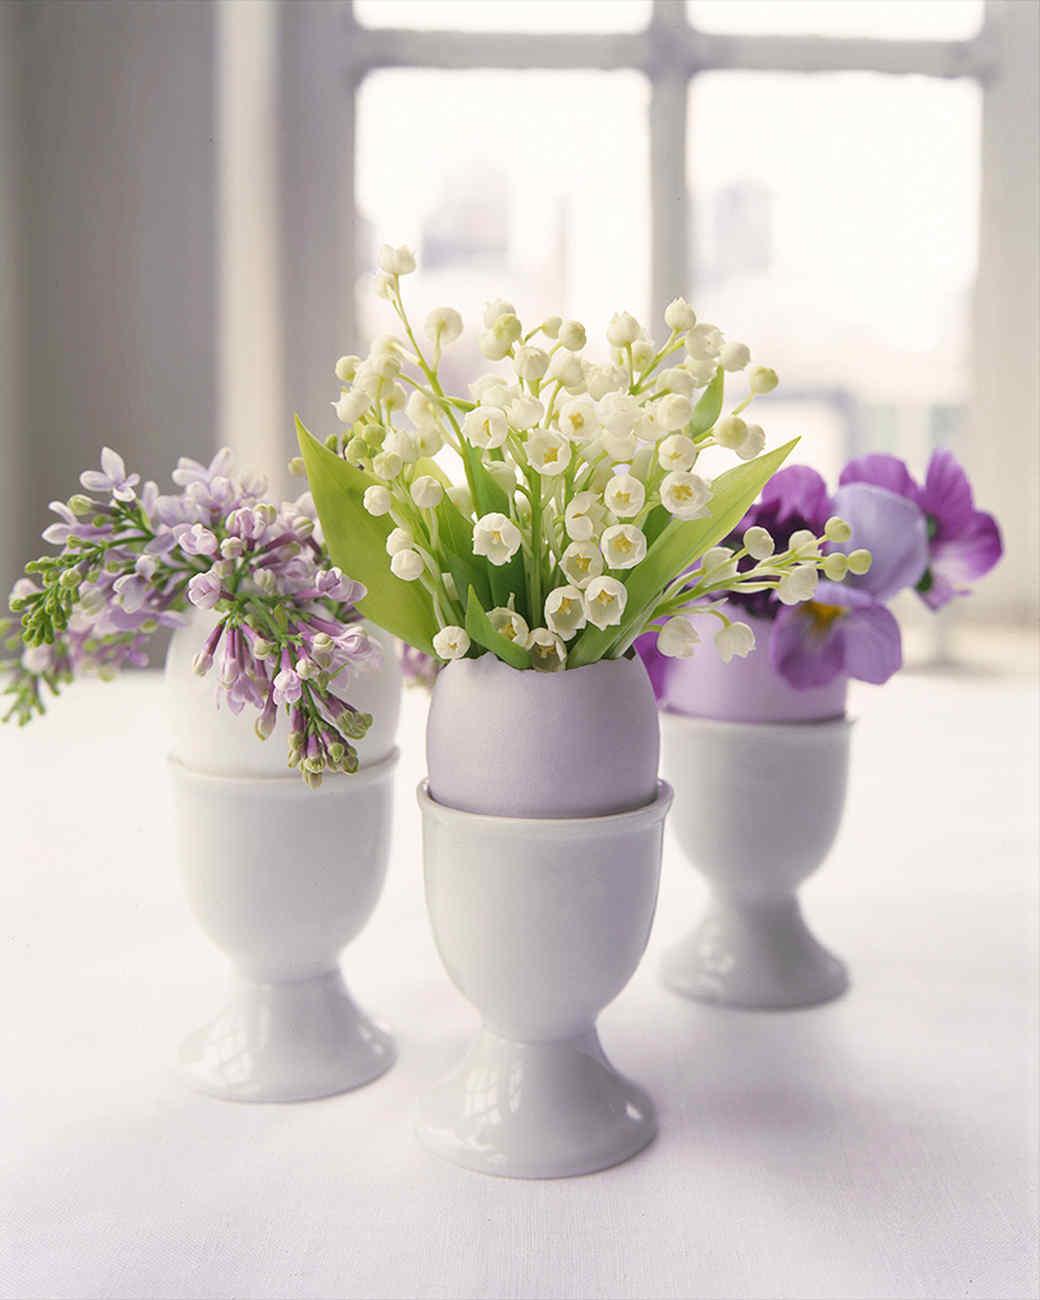 Floral eggshell arrangments